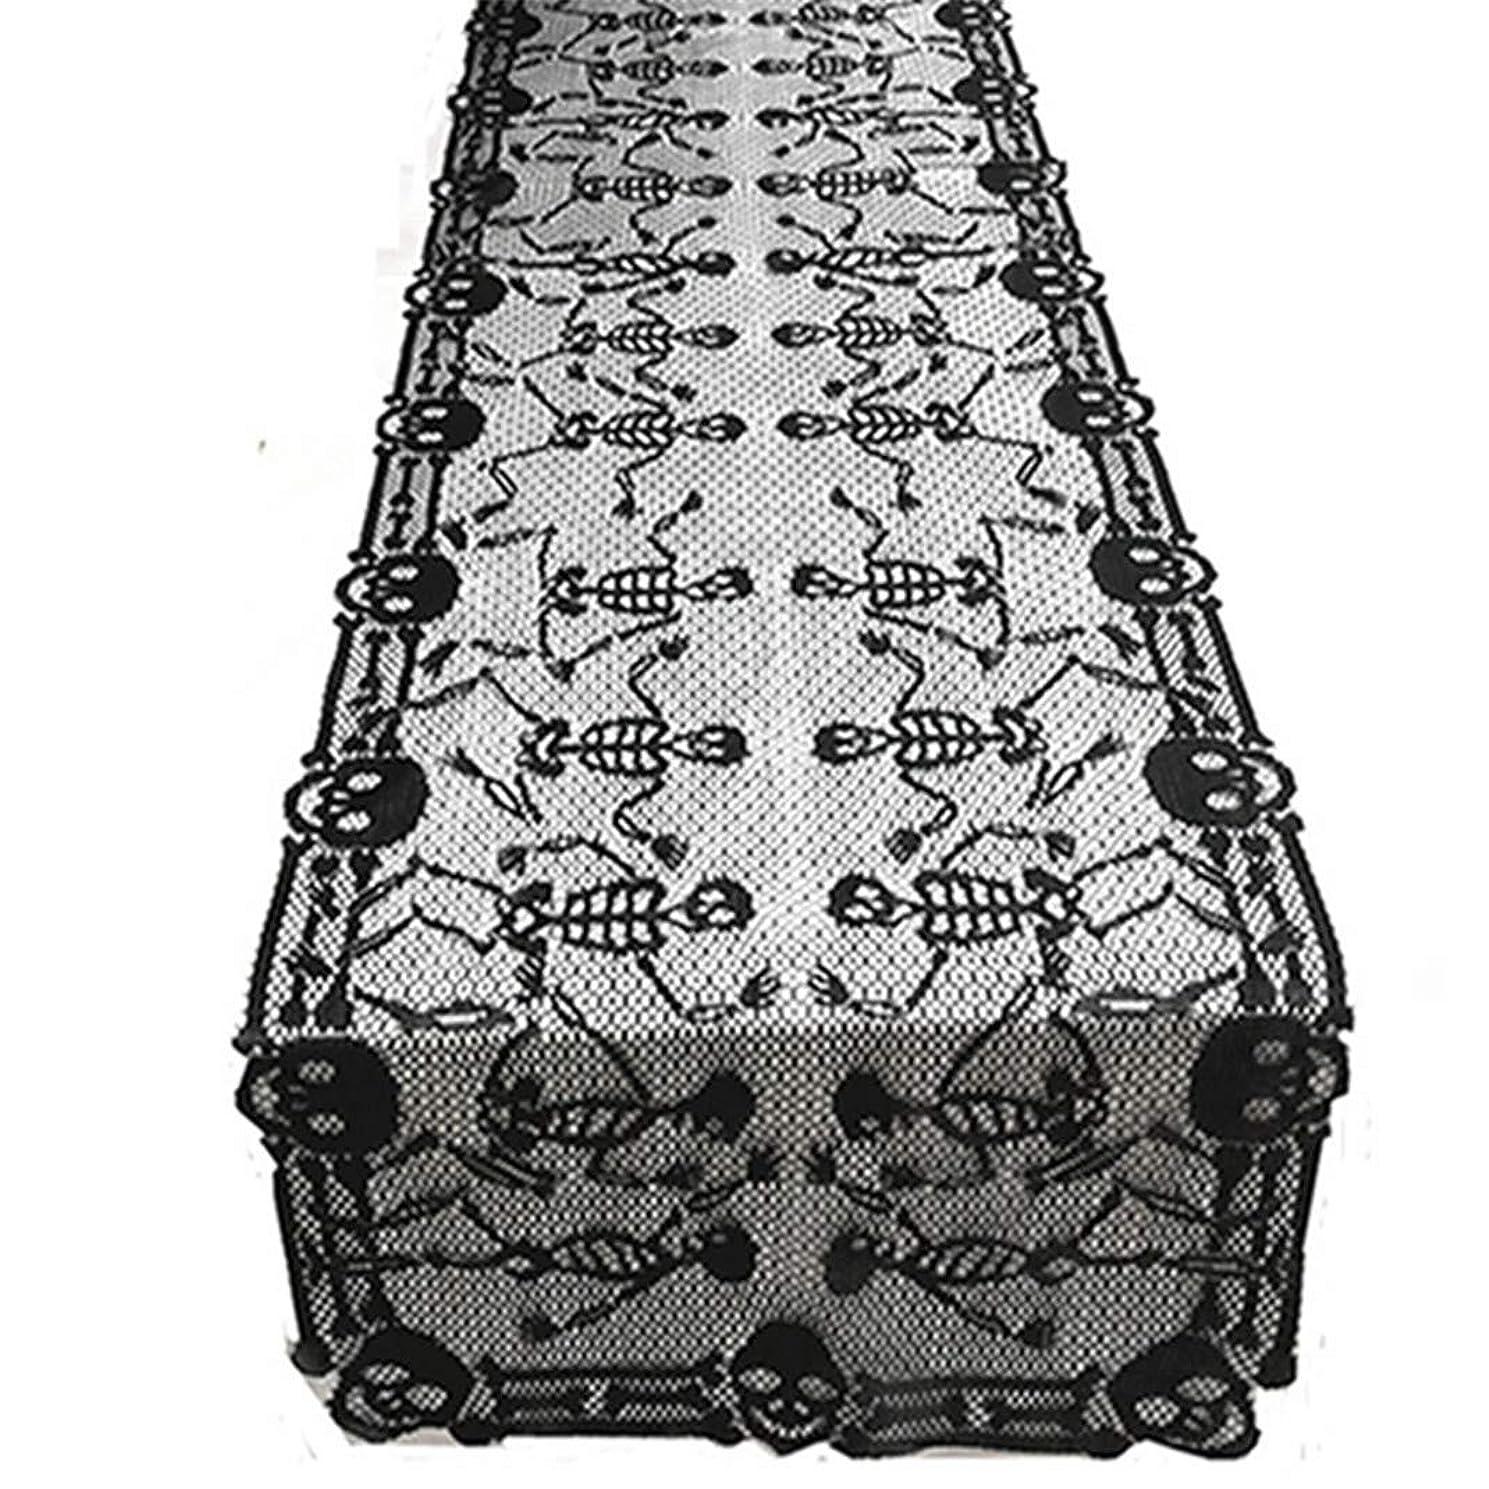 文房具トイレエリートAirlove ハロウィンテーブルクロスブラックダンススカルテーブルランナー長方形テーブルカバーハロウィンパーティーホラードレス